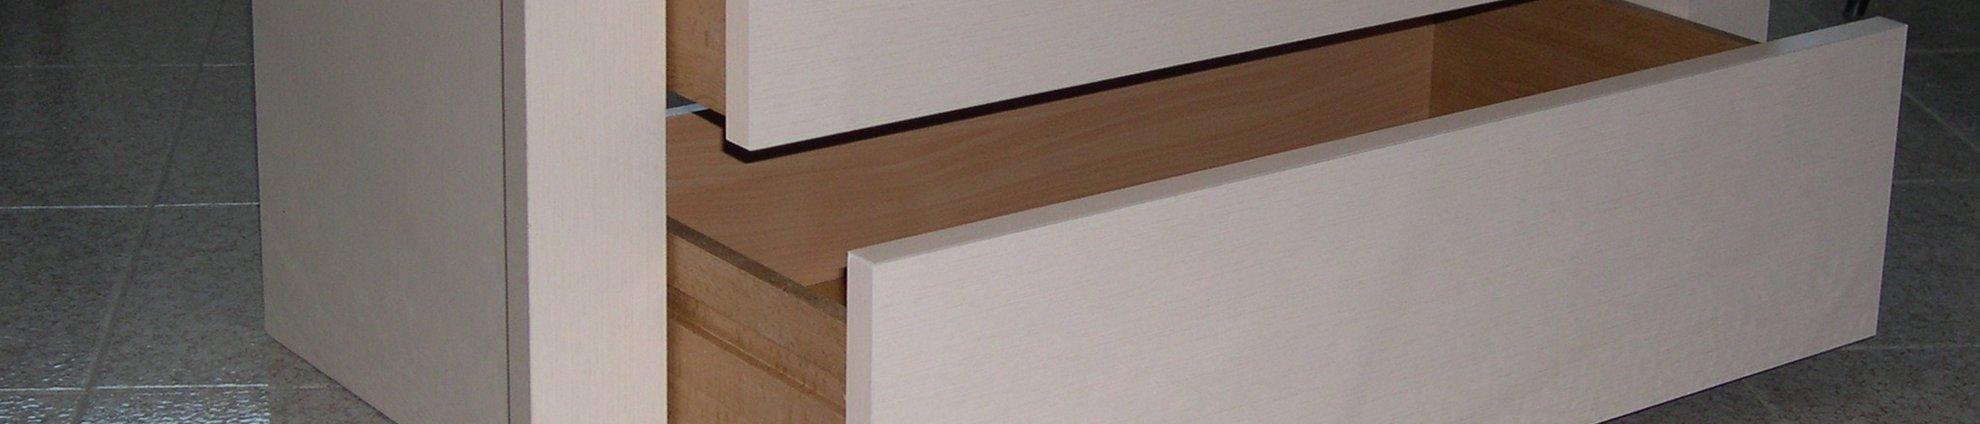 Un cassetto in legno di color bianco con una cerniera